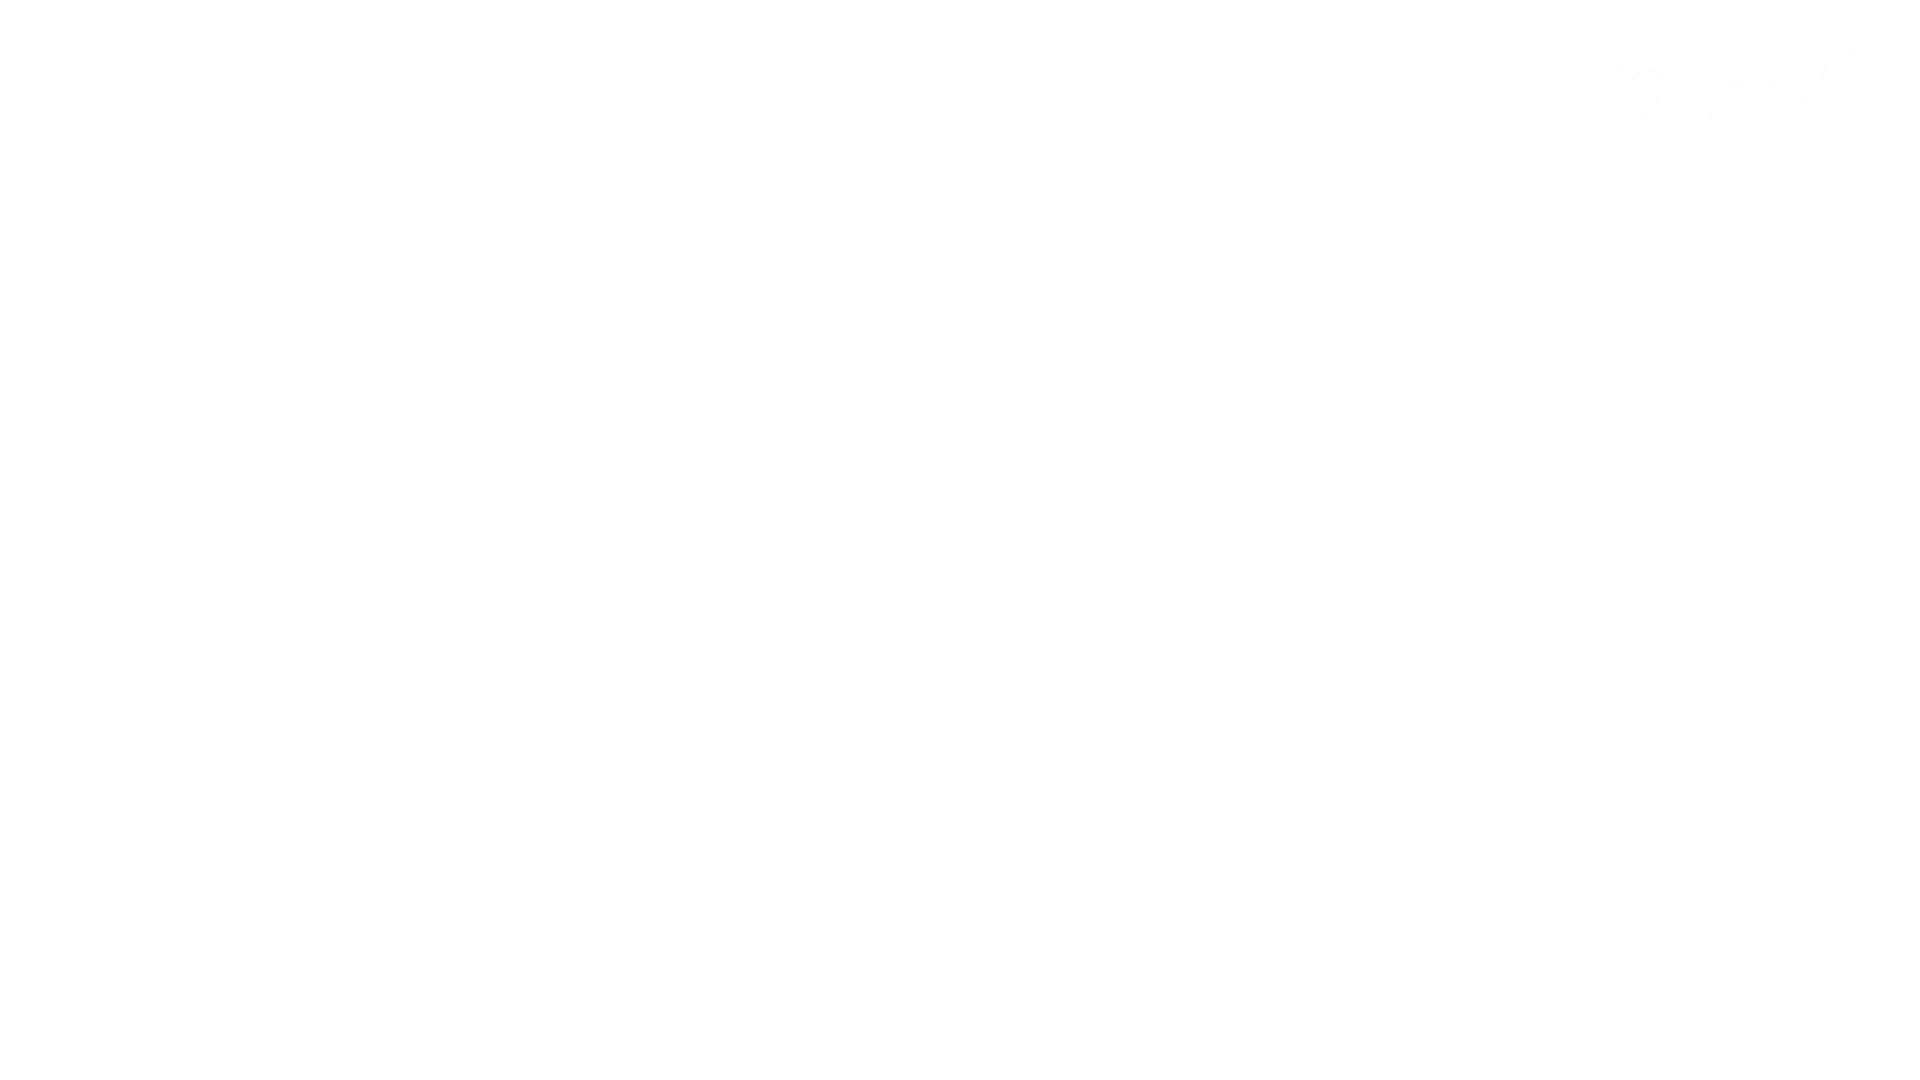 無修正エロ動画:▲復活限定▲ハイビジョン 盗神伝 Vol.21:怪盗ジョーカー